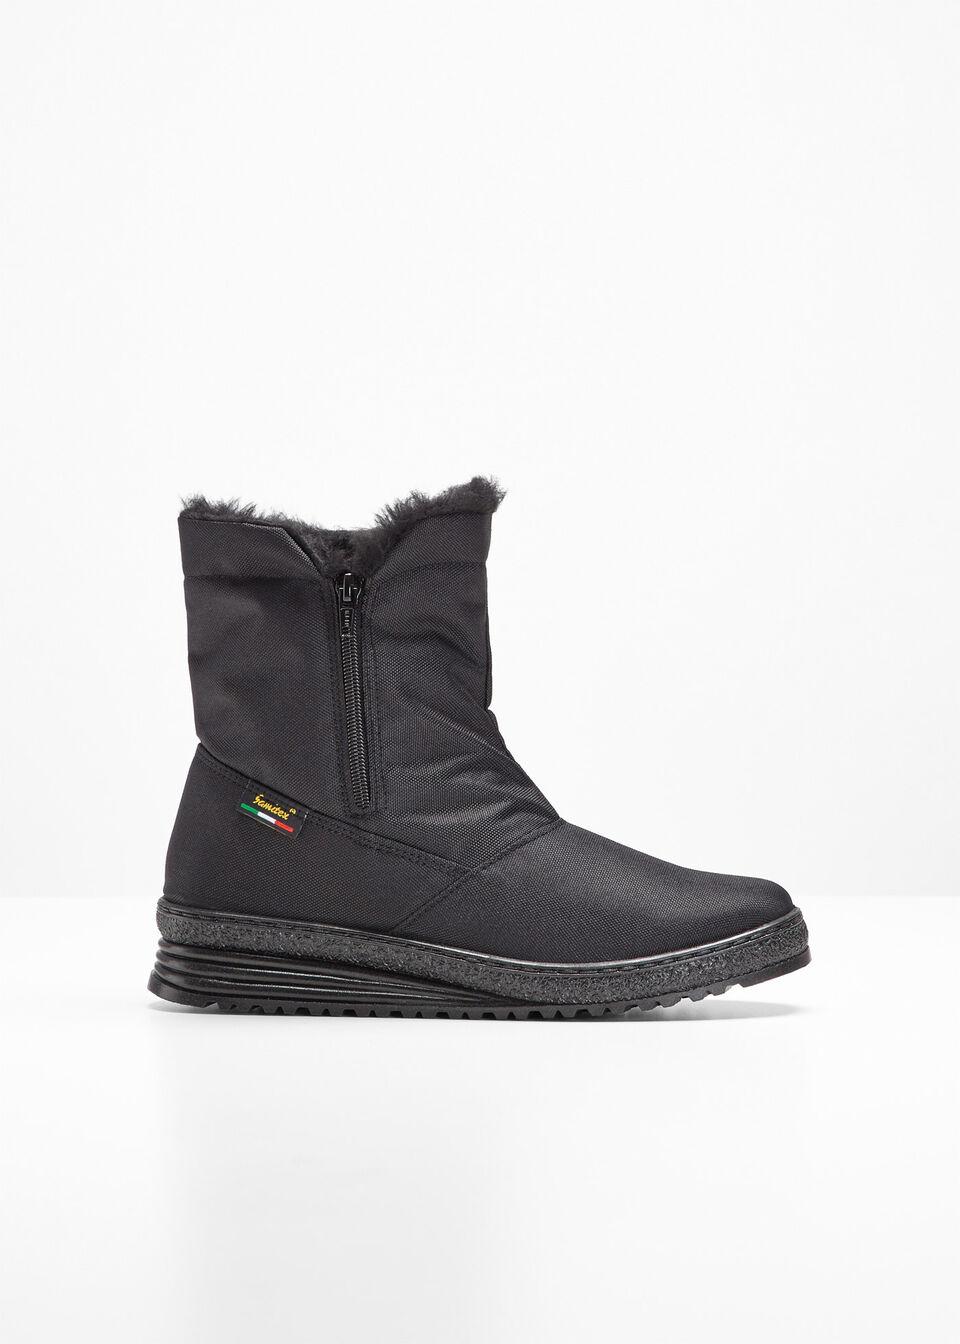 încălţăminte îmbrăcăminte sport de performanță coduri promoționale Cizme de iarnă negru Cizme confortabile • 219.9 lei • bonprix